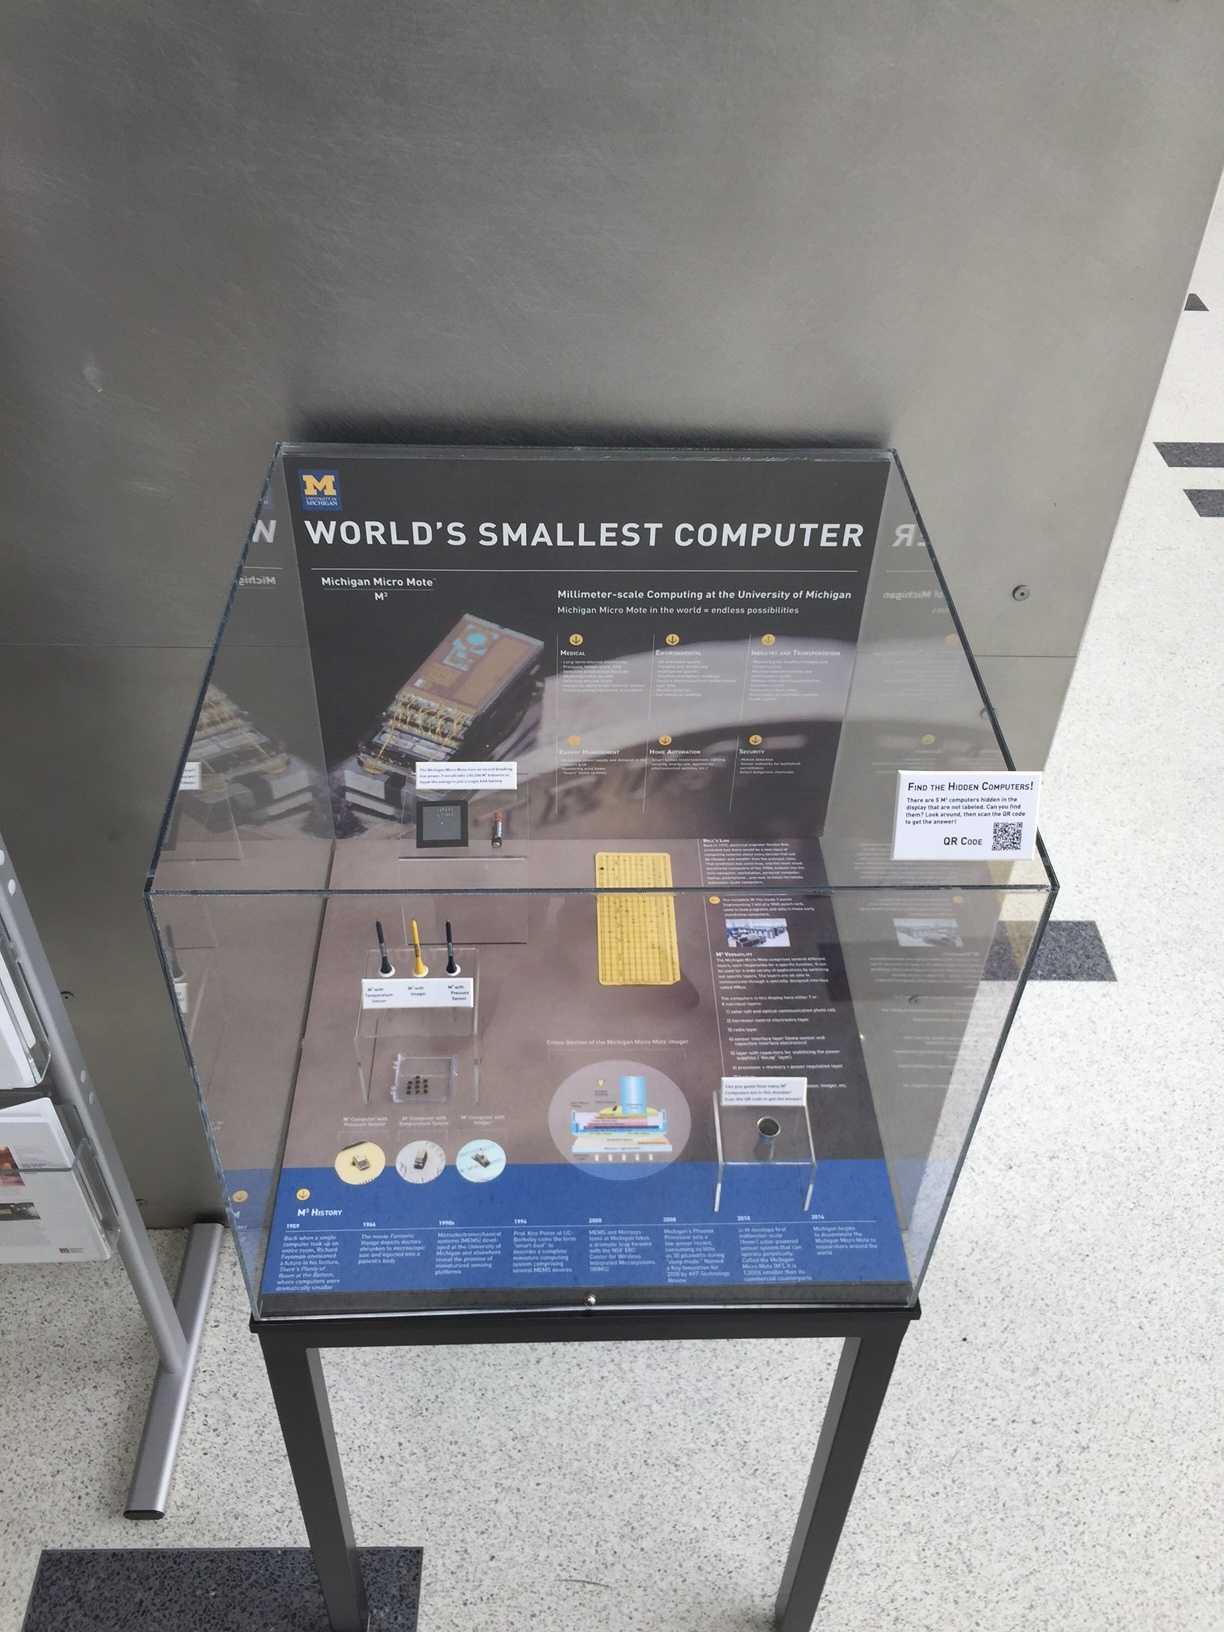 """Der winzige Computer """"Michigan Micro Mote"""" in einem Glaskasten des Computermuseums. Die gelbe Lochkarte im Hintergrund enthält einen M3 - er passt in eines der ausgestanzten Löcher."""